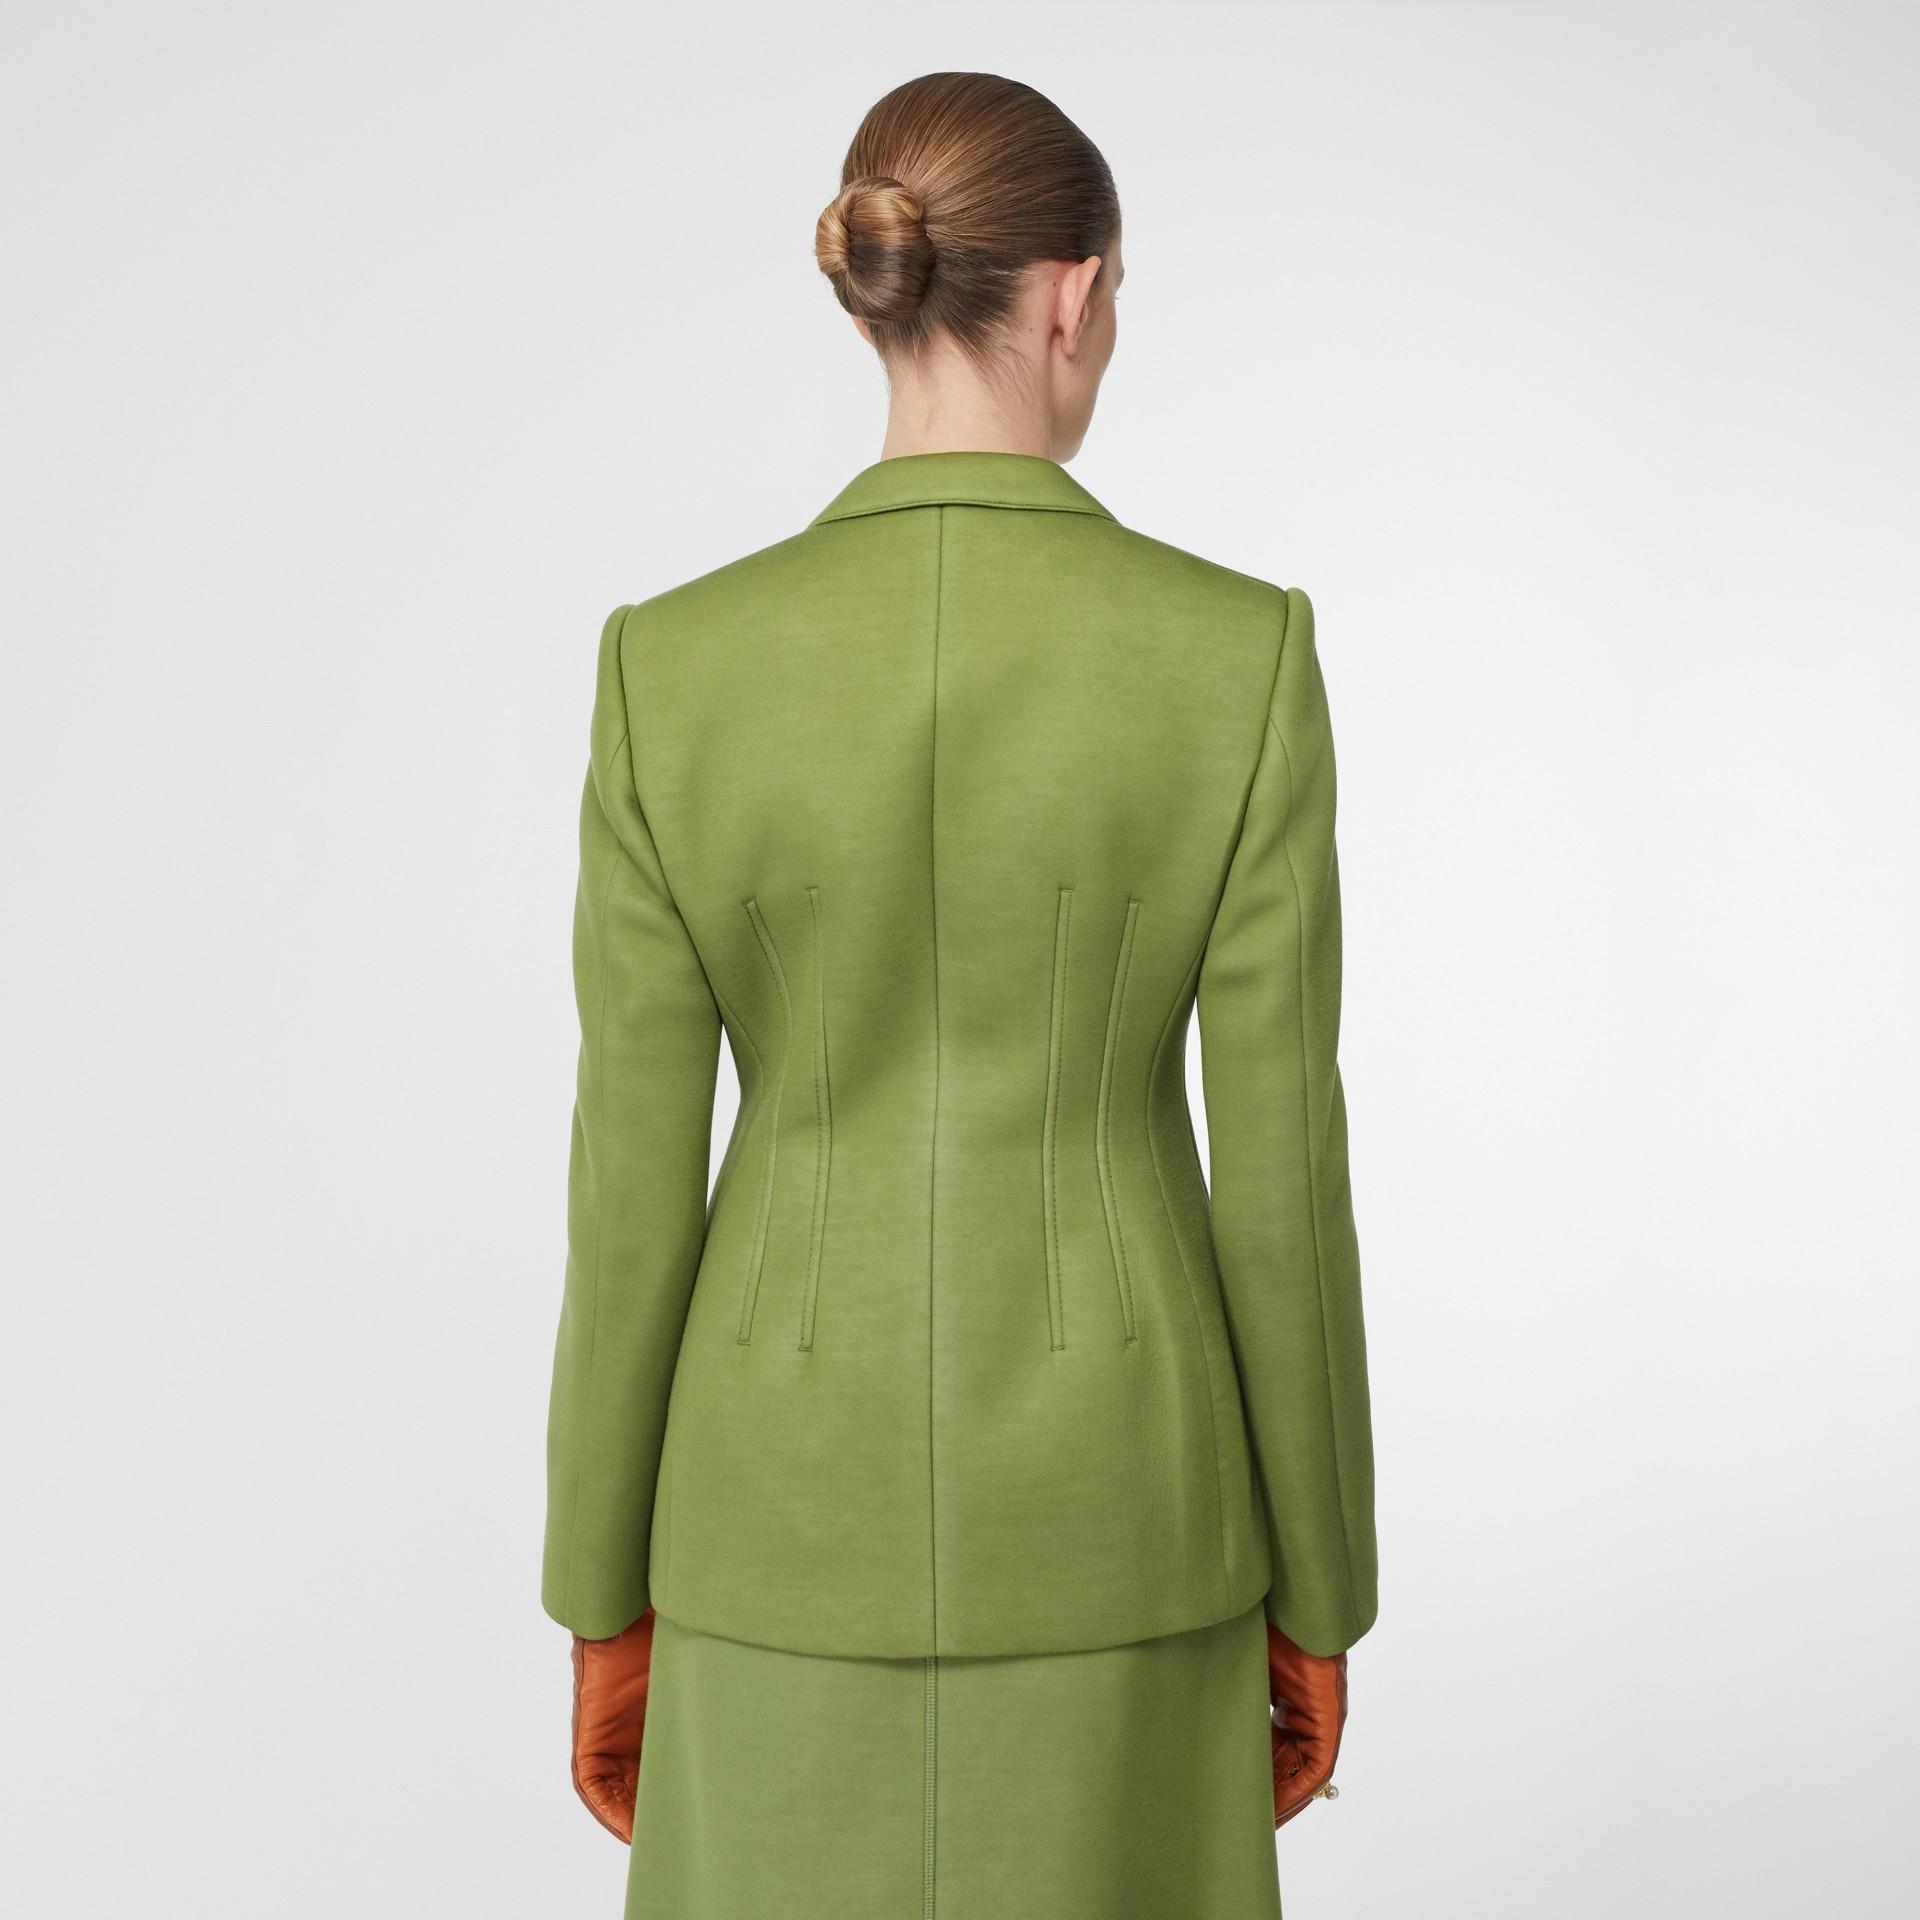 Double-faced Neoprene Tailored Jacket in Cedar Green - Women | Burberry - gallery image 2